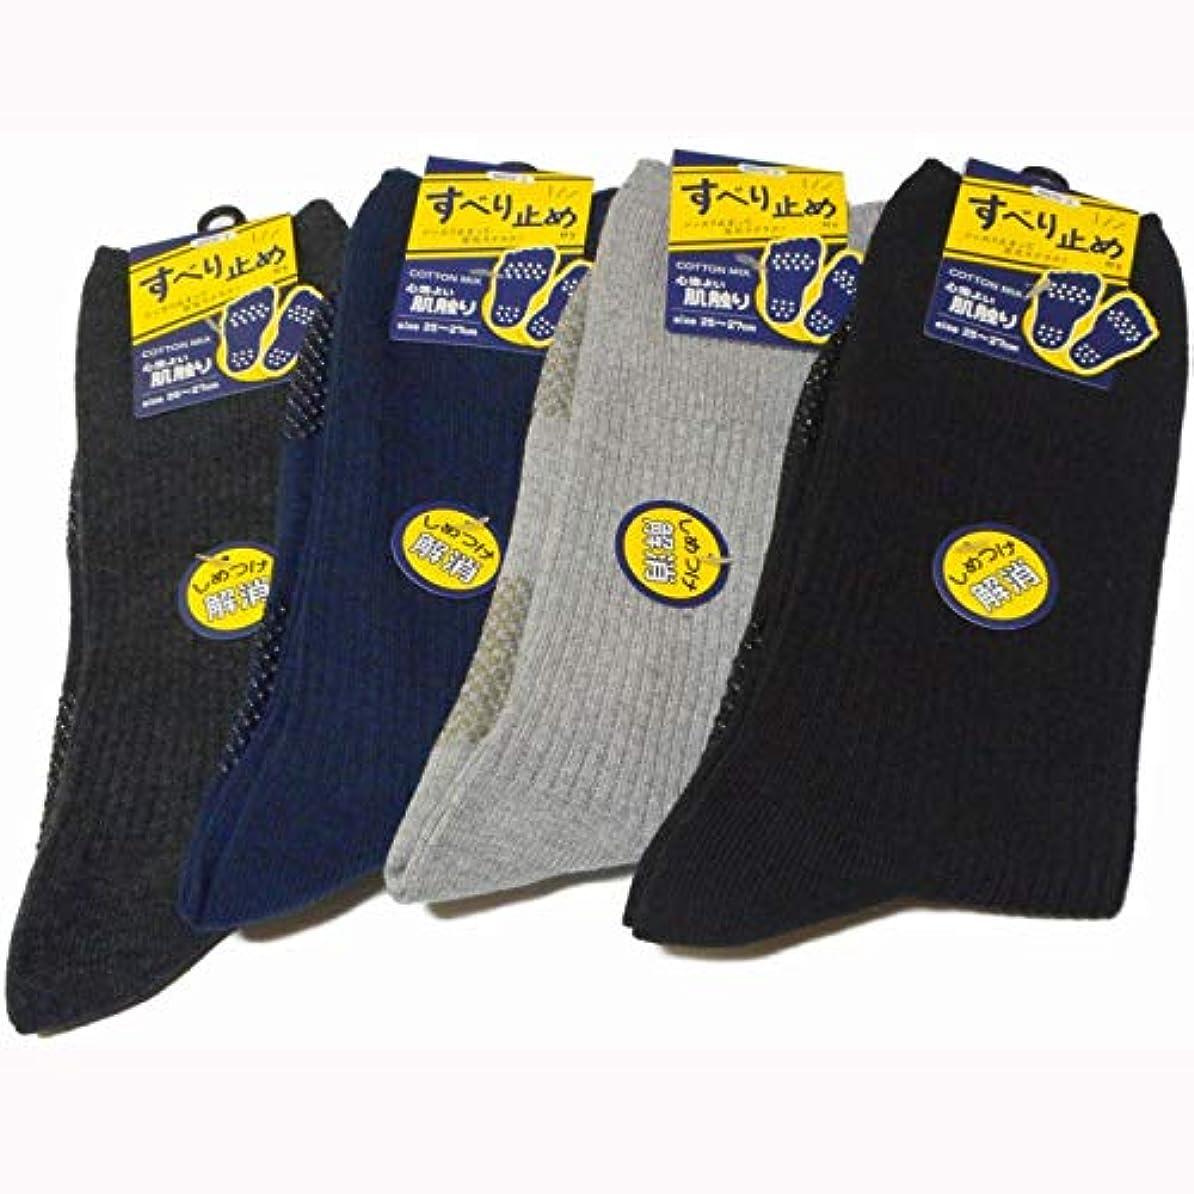 それ透けるホステス靴下 メンズ ビジネスソックス 綿混 クチゴムゆったり 無地 滑り止め付 25-27cm 4足組 (色はお任せ)